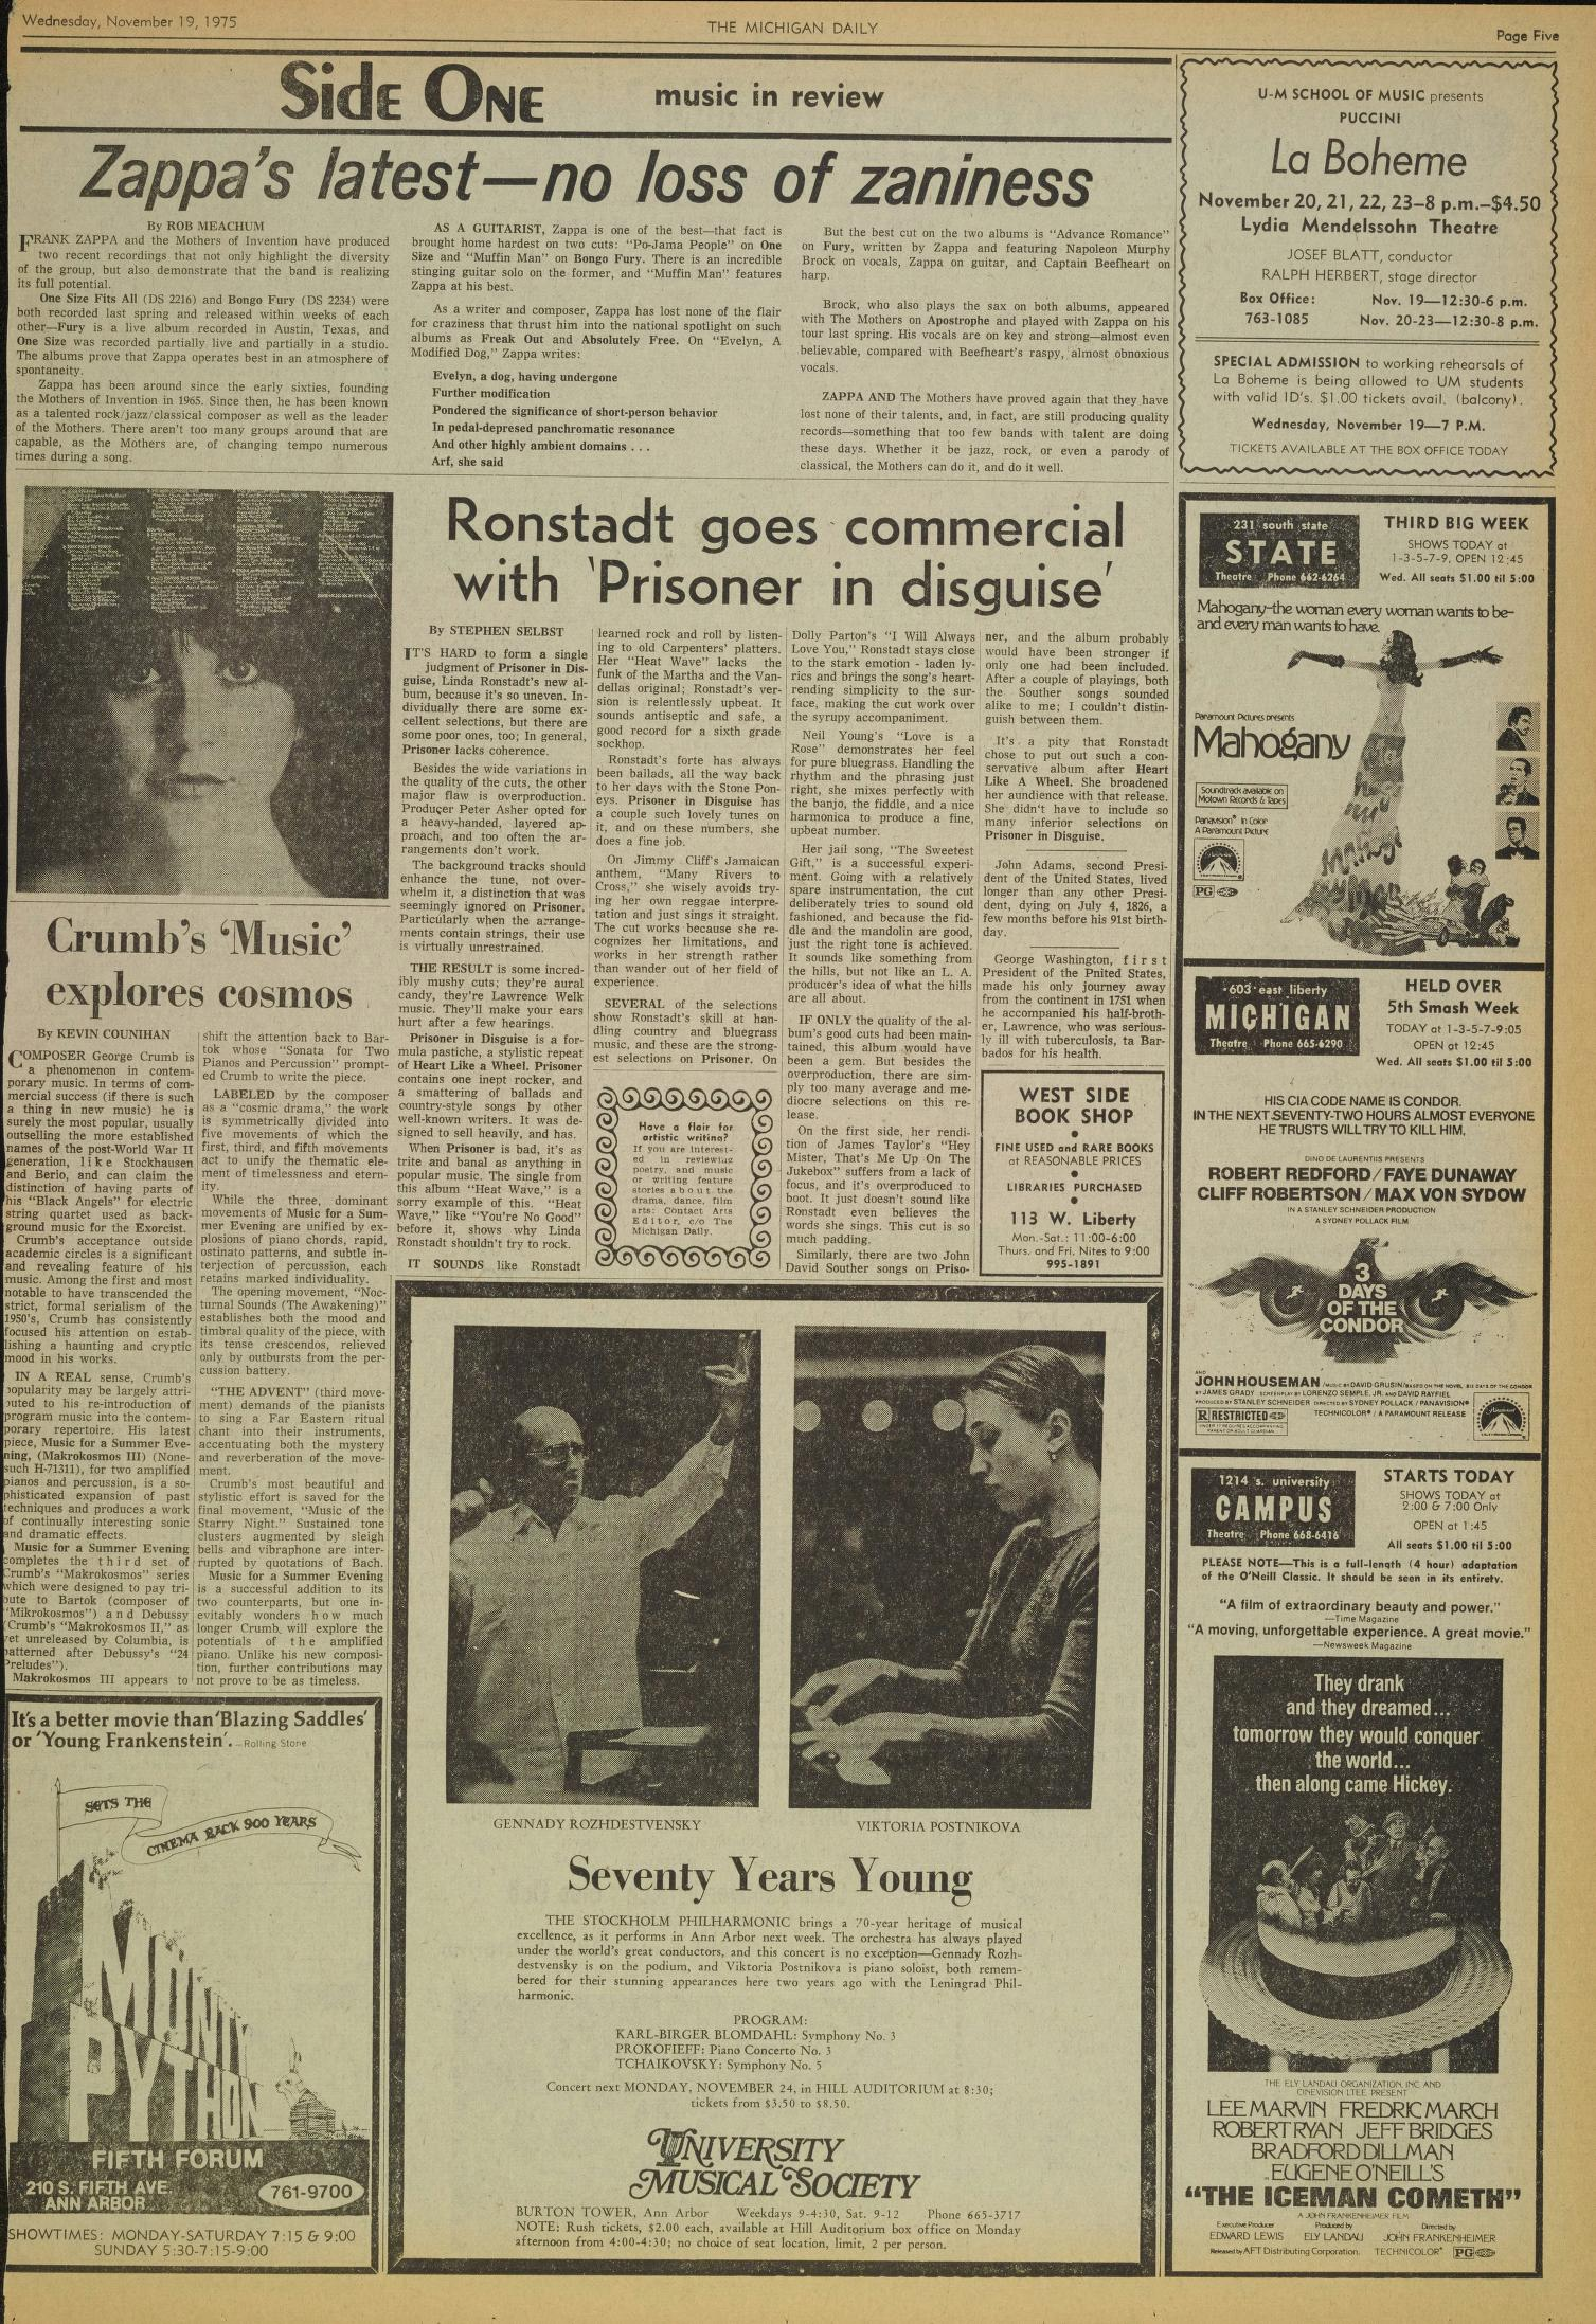 Michigan Daily Digital Archives - November 19, 1975 (vol  86